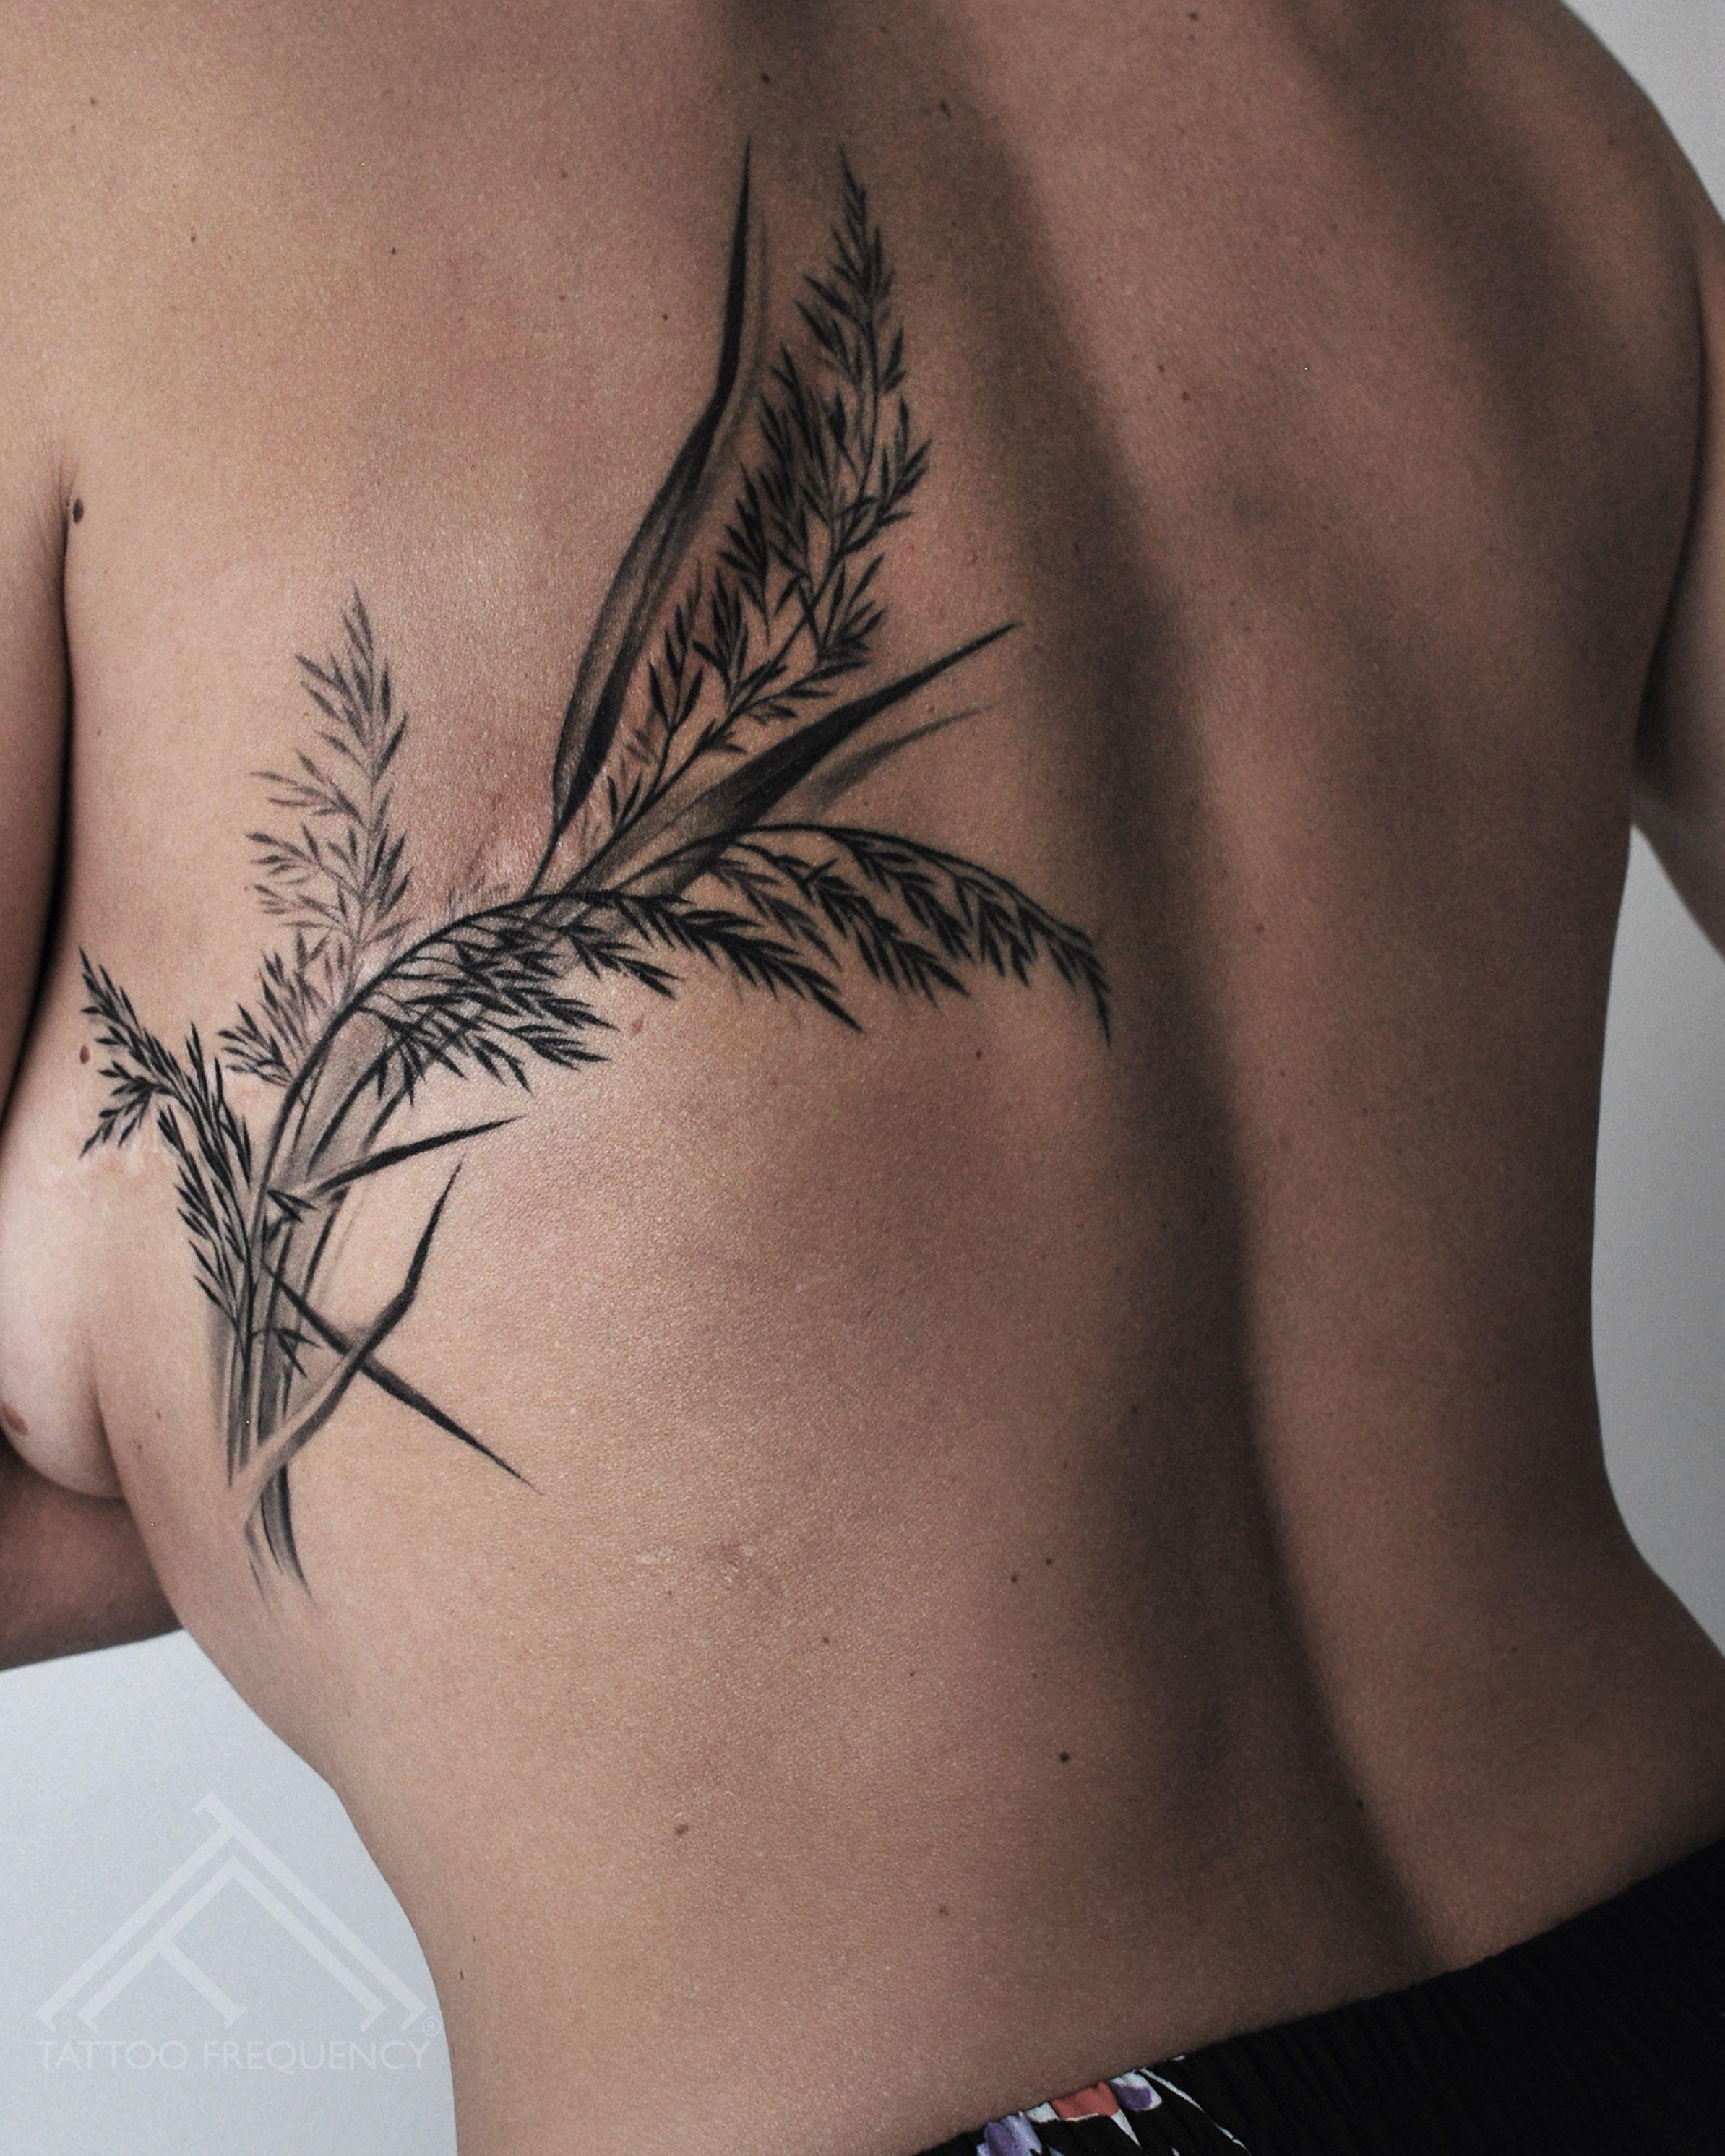 Tattoosonback Inked Body Art Tattoos Side Tattoo Tattoos